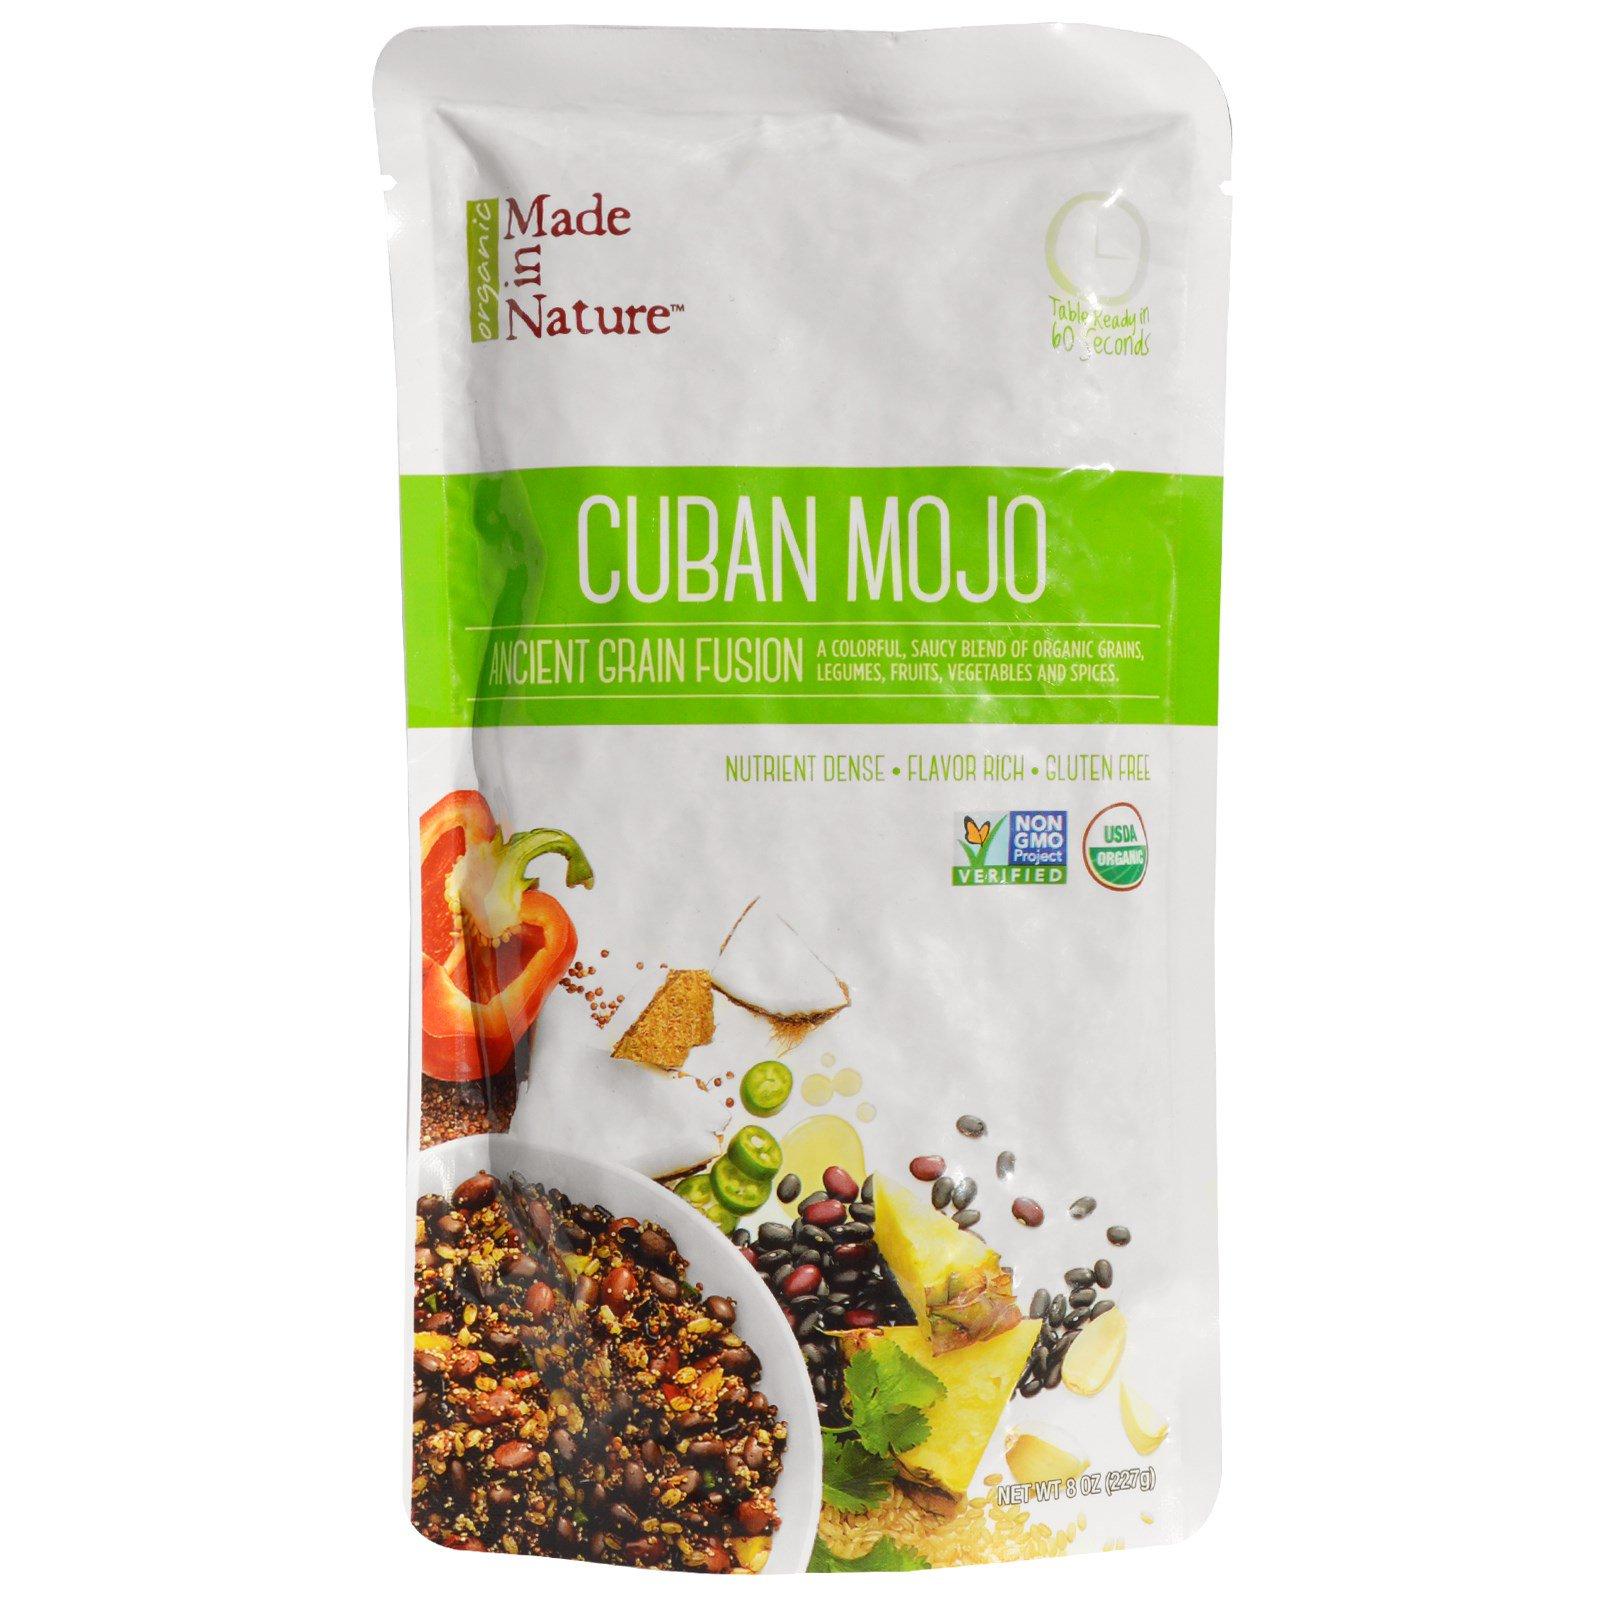 Made in Nature, Зерновая смесь Ancient с органическим вкусом Кубы , 8 унций (227 г)